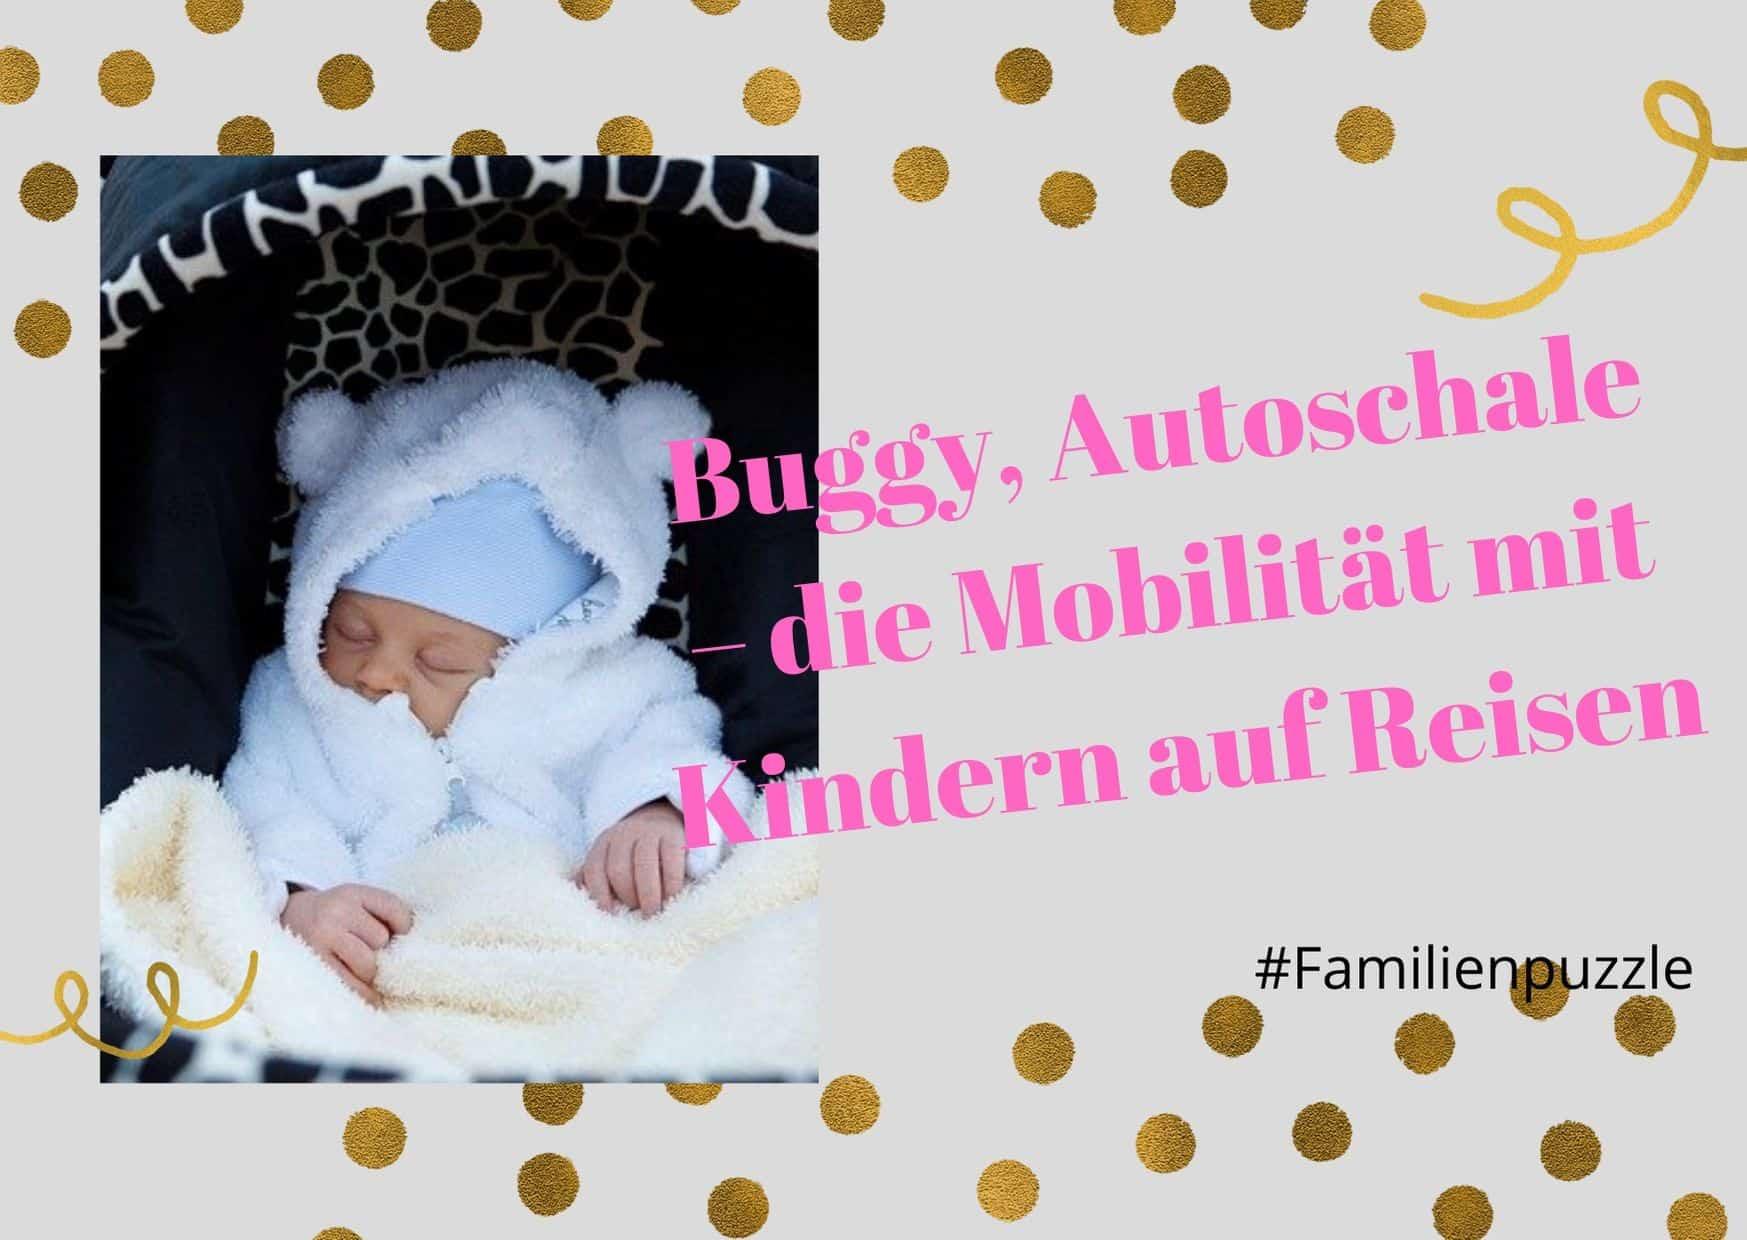 Titelbild: Buggy, Autoschale – die Mobilität mit Kindern auf Reisen. Baby im Buggy.